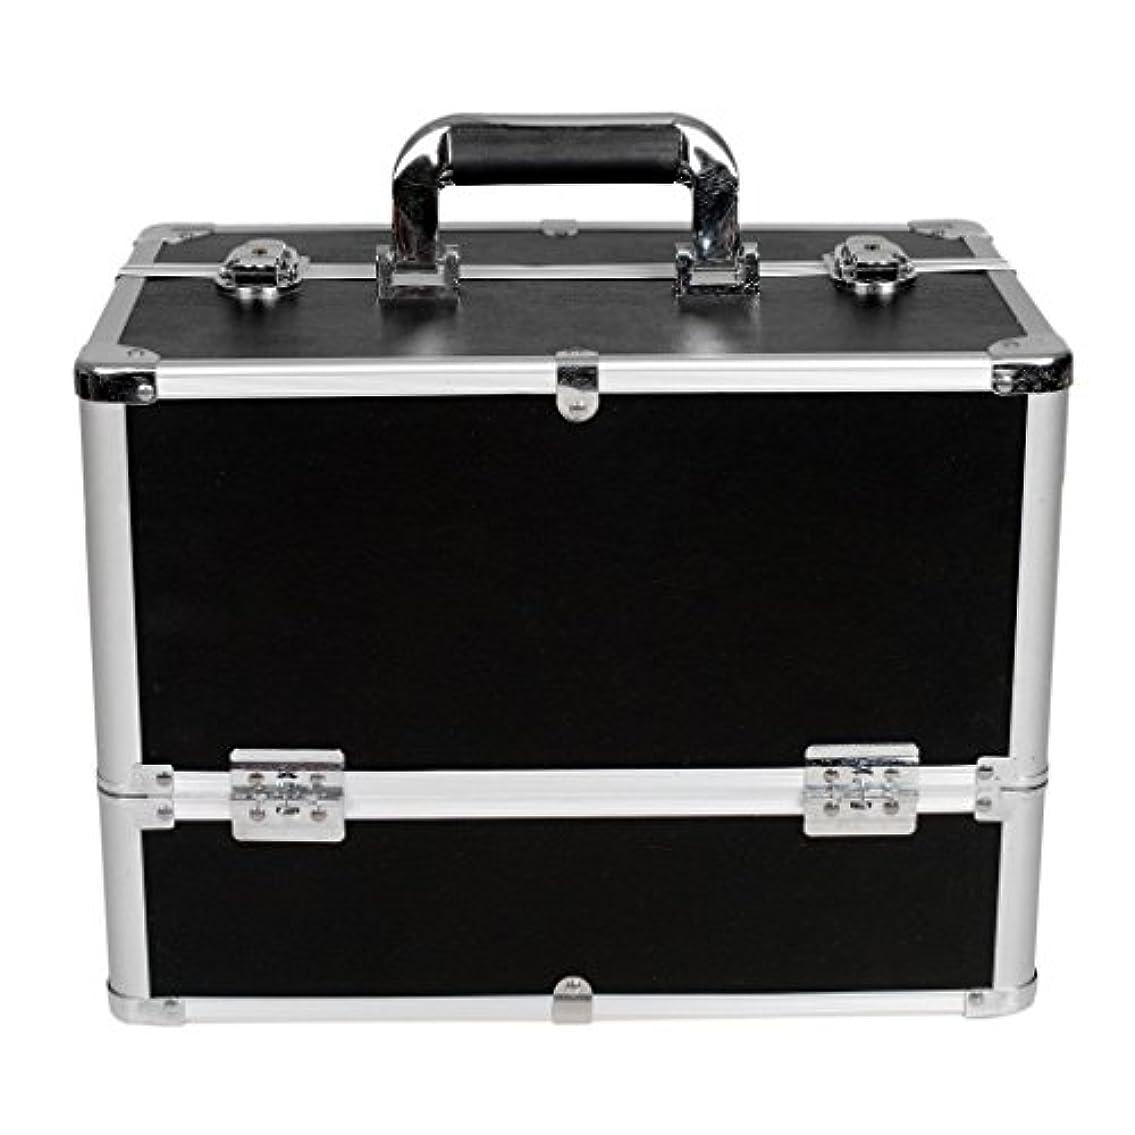 喜ぶ重荷石膏[プロ仕様]Hapilife メイクボックス 大容量 6つトレイ 幅37cm ネイル ジュエリー ドライヤー アクセサリー シューケア用品 収納ケース ブラック